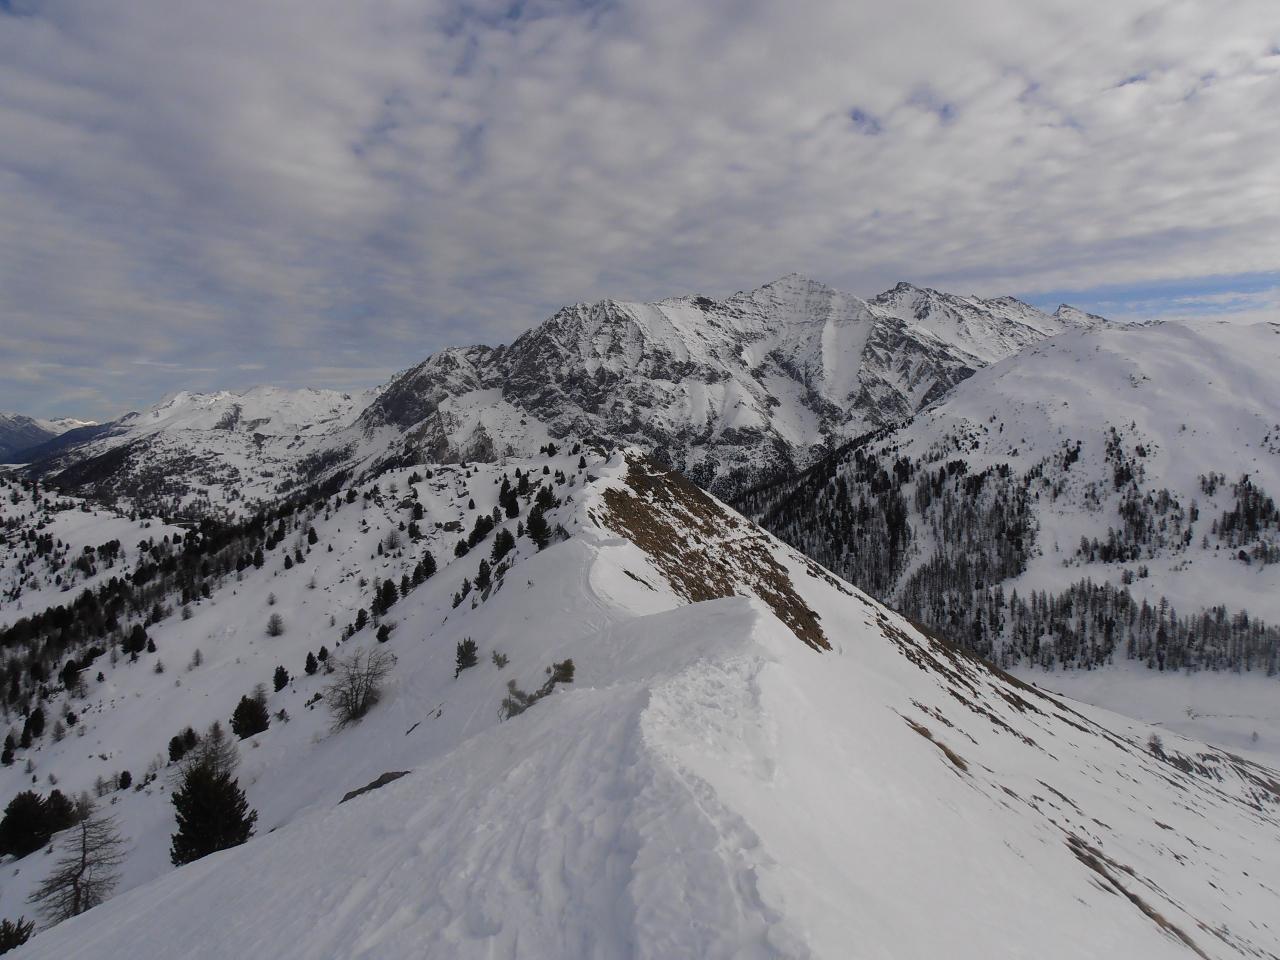 03 - la cresta verso il Begino e la partenza per la discesa sul versante nord